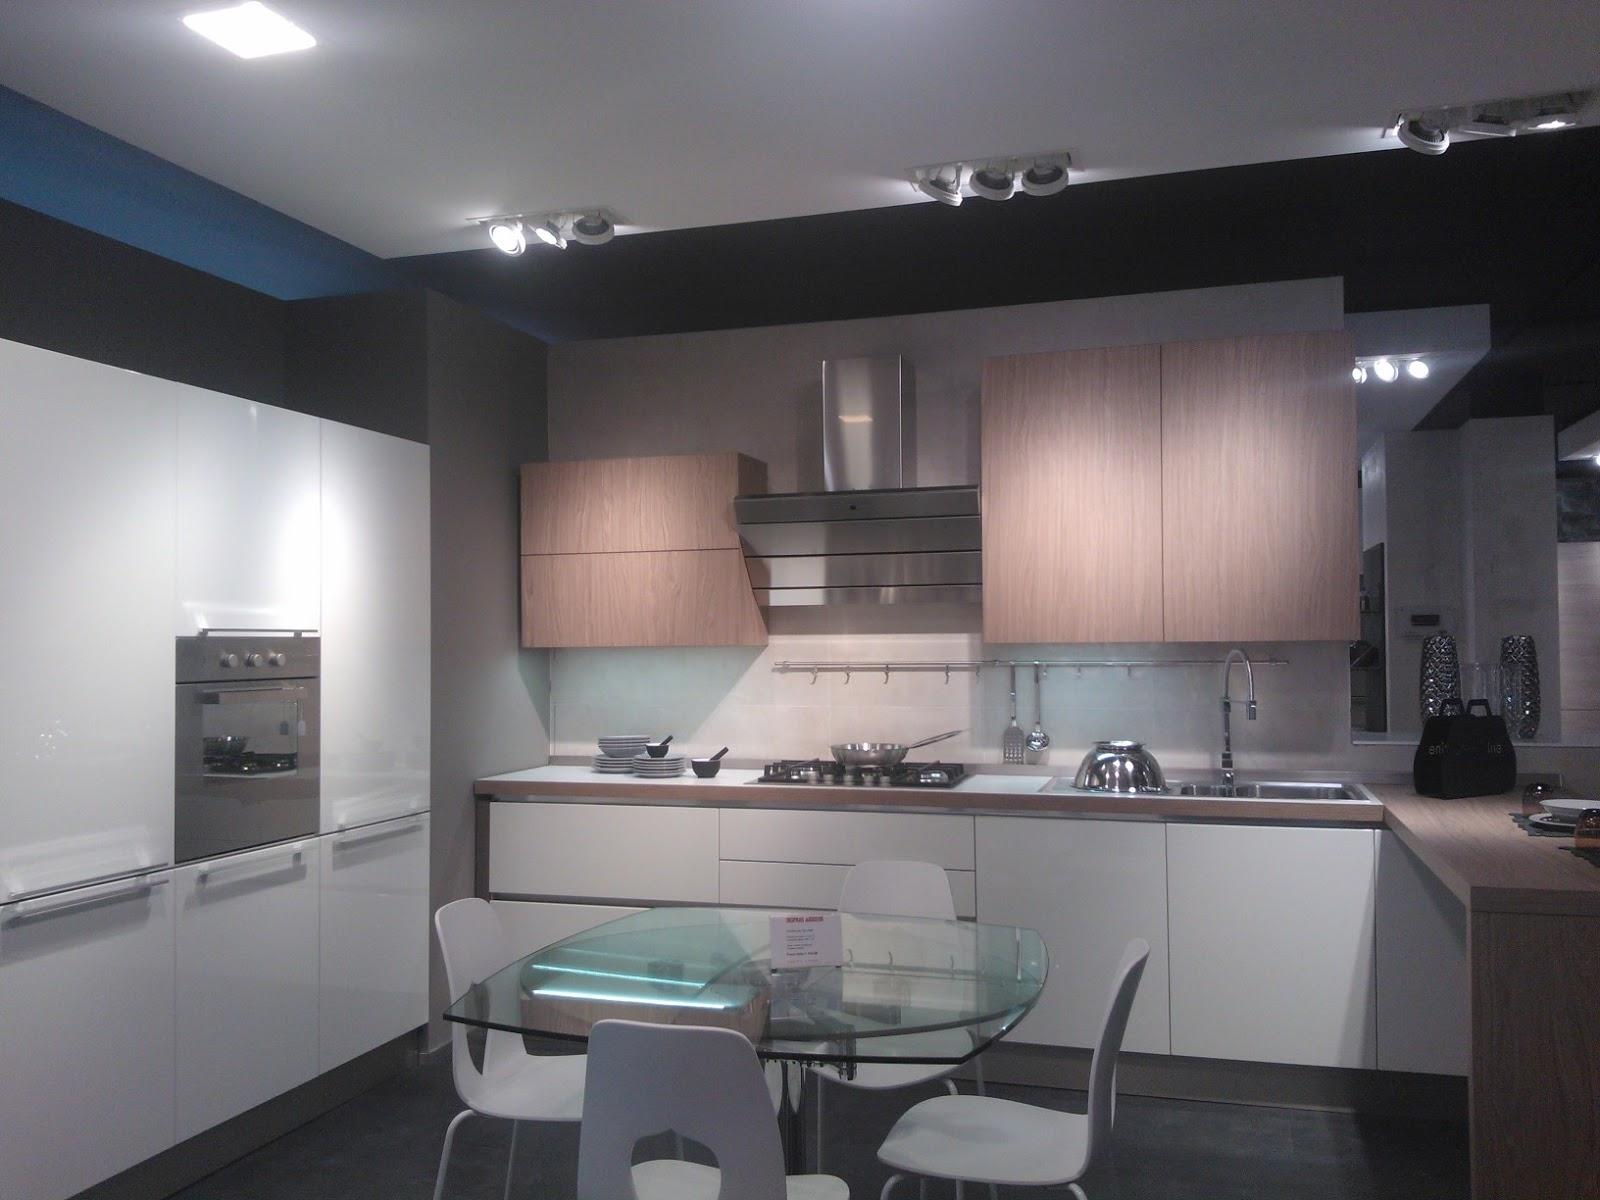 Funzionalità Con OYSTER La Veneta Cucine Che Non Ti Deluderà #7A5A51 1600 1200 Veneta Cucine O Valcucine